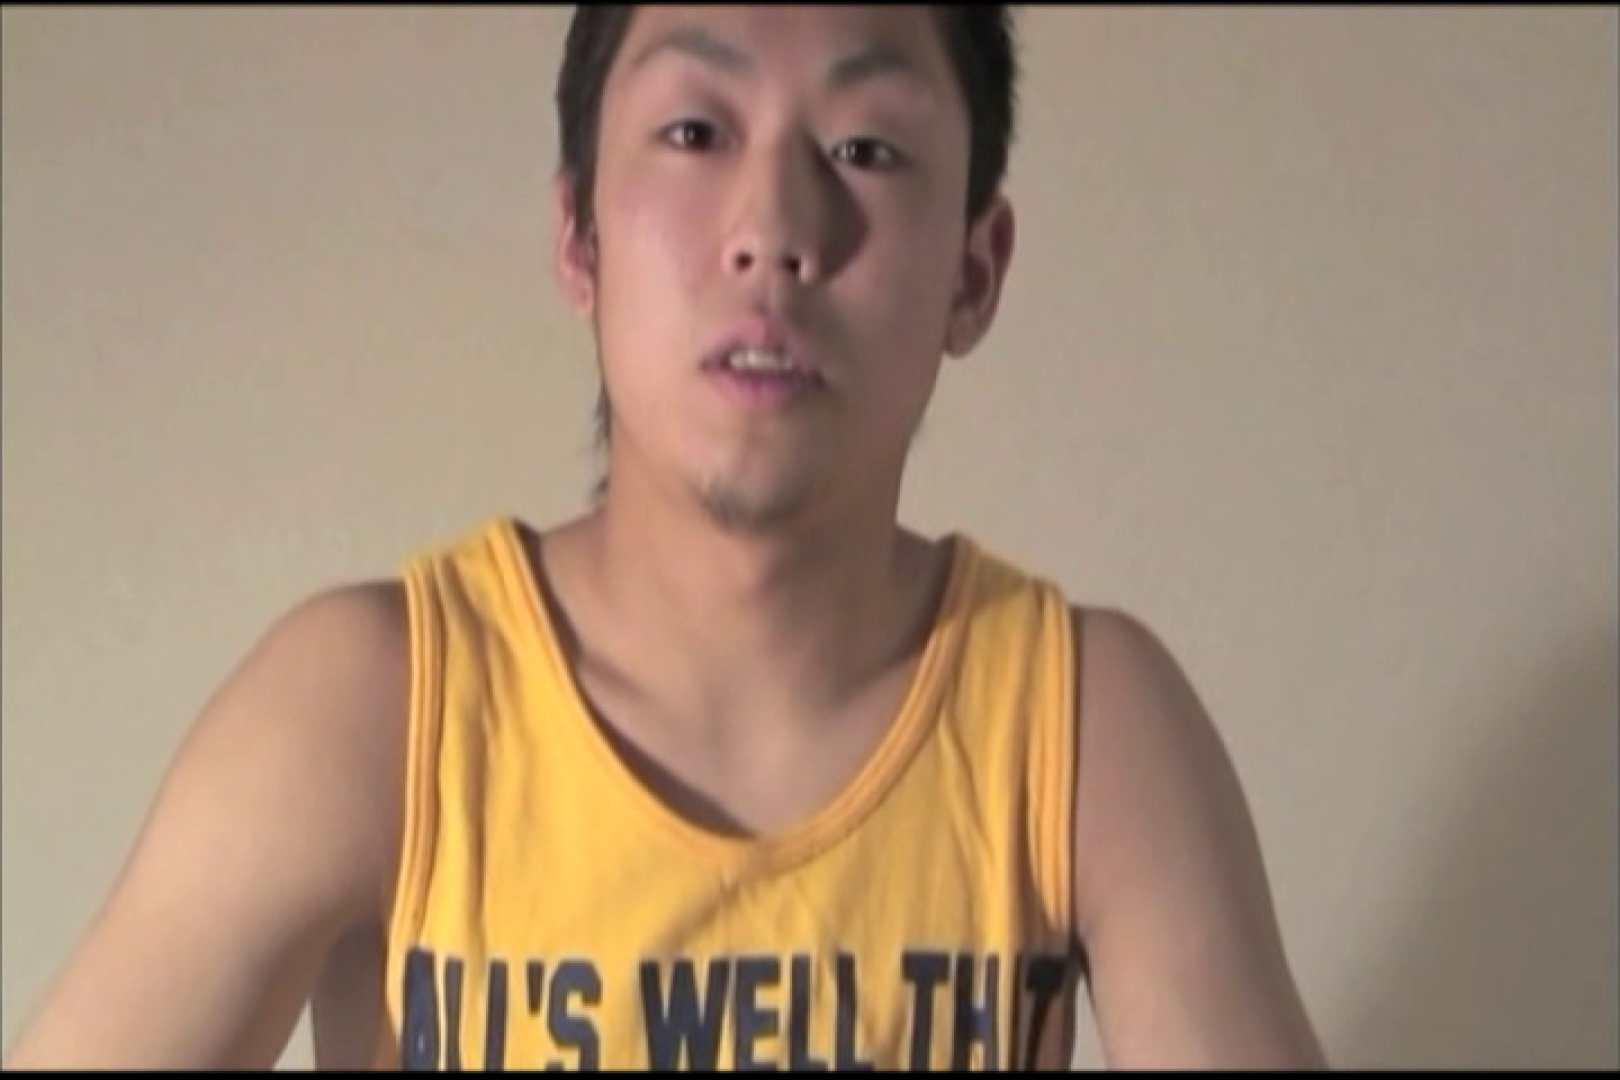 自慰行為支援願望。 スポーツ系男子 ゲイエロ動画 67枚 26